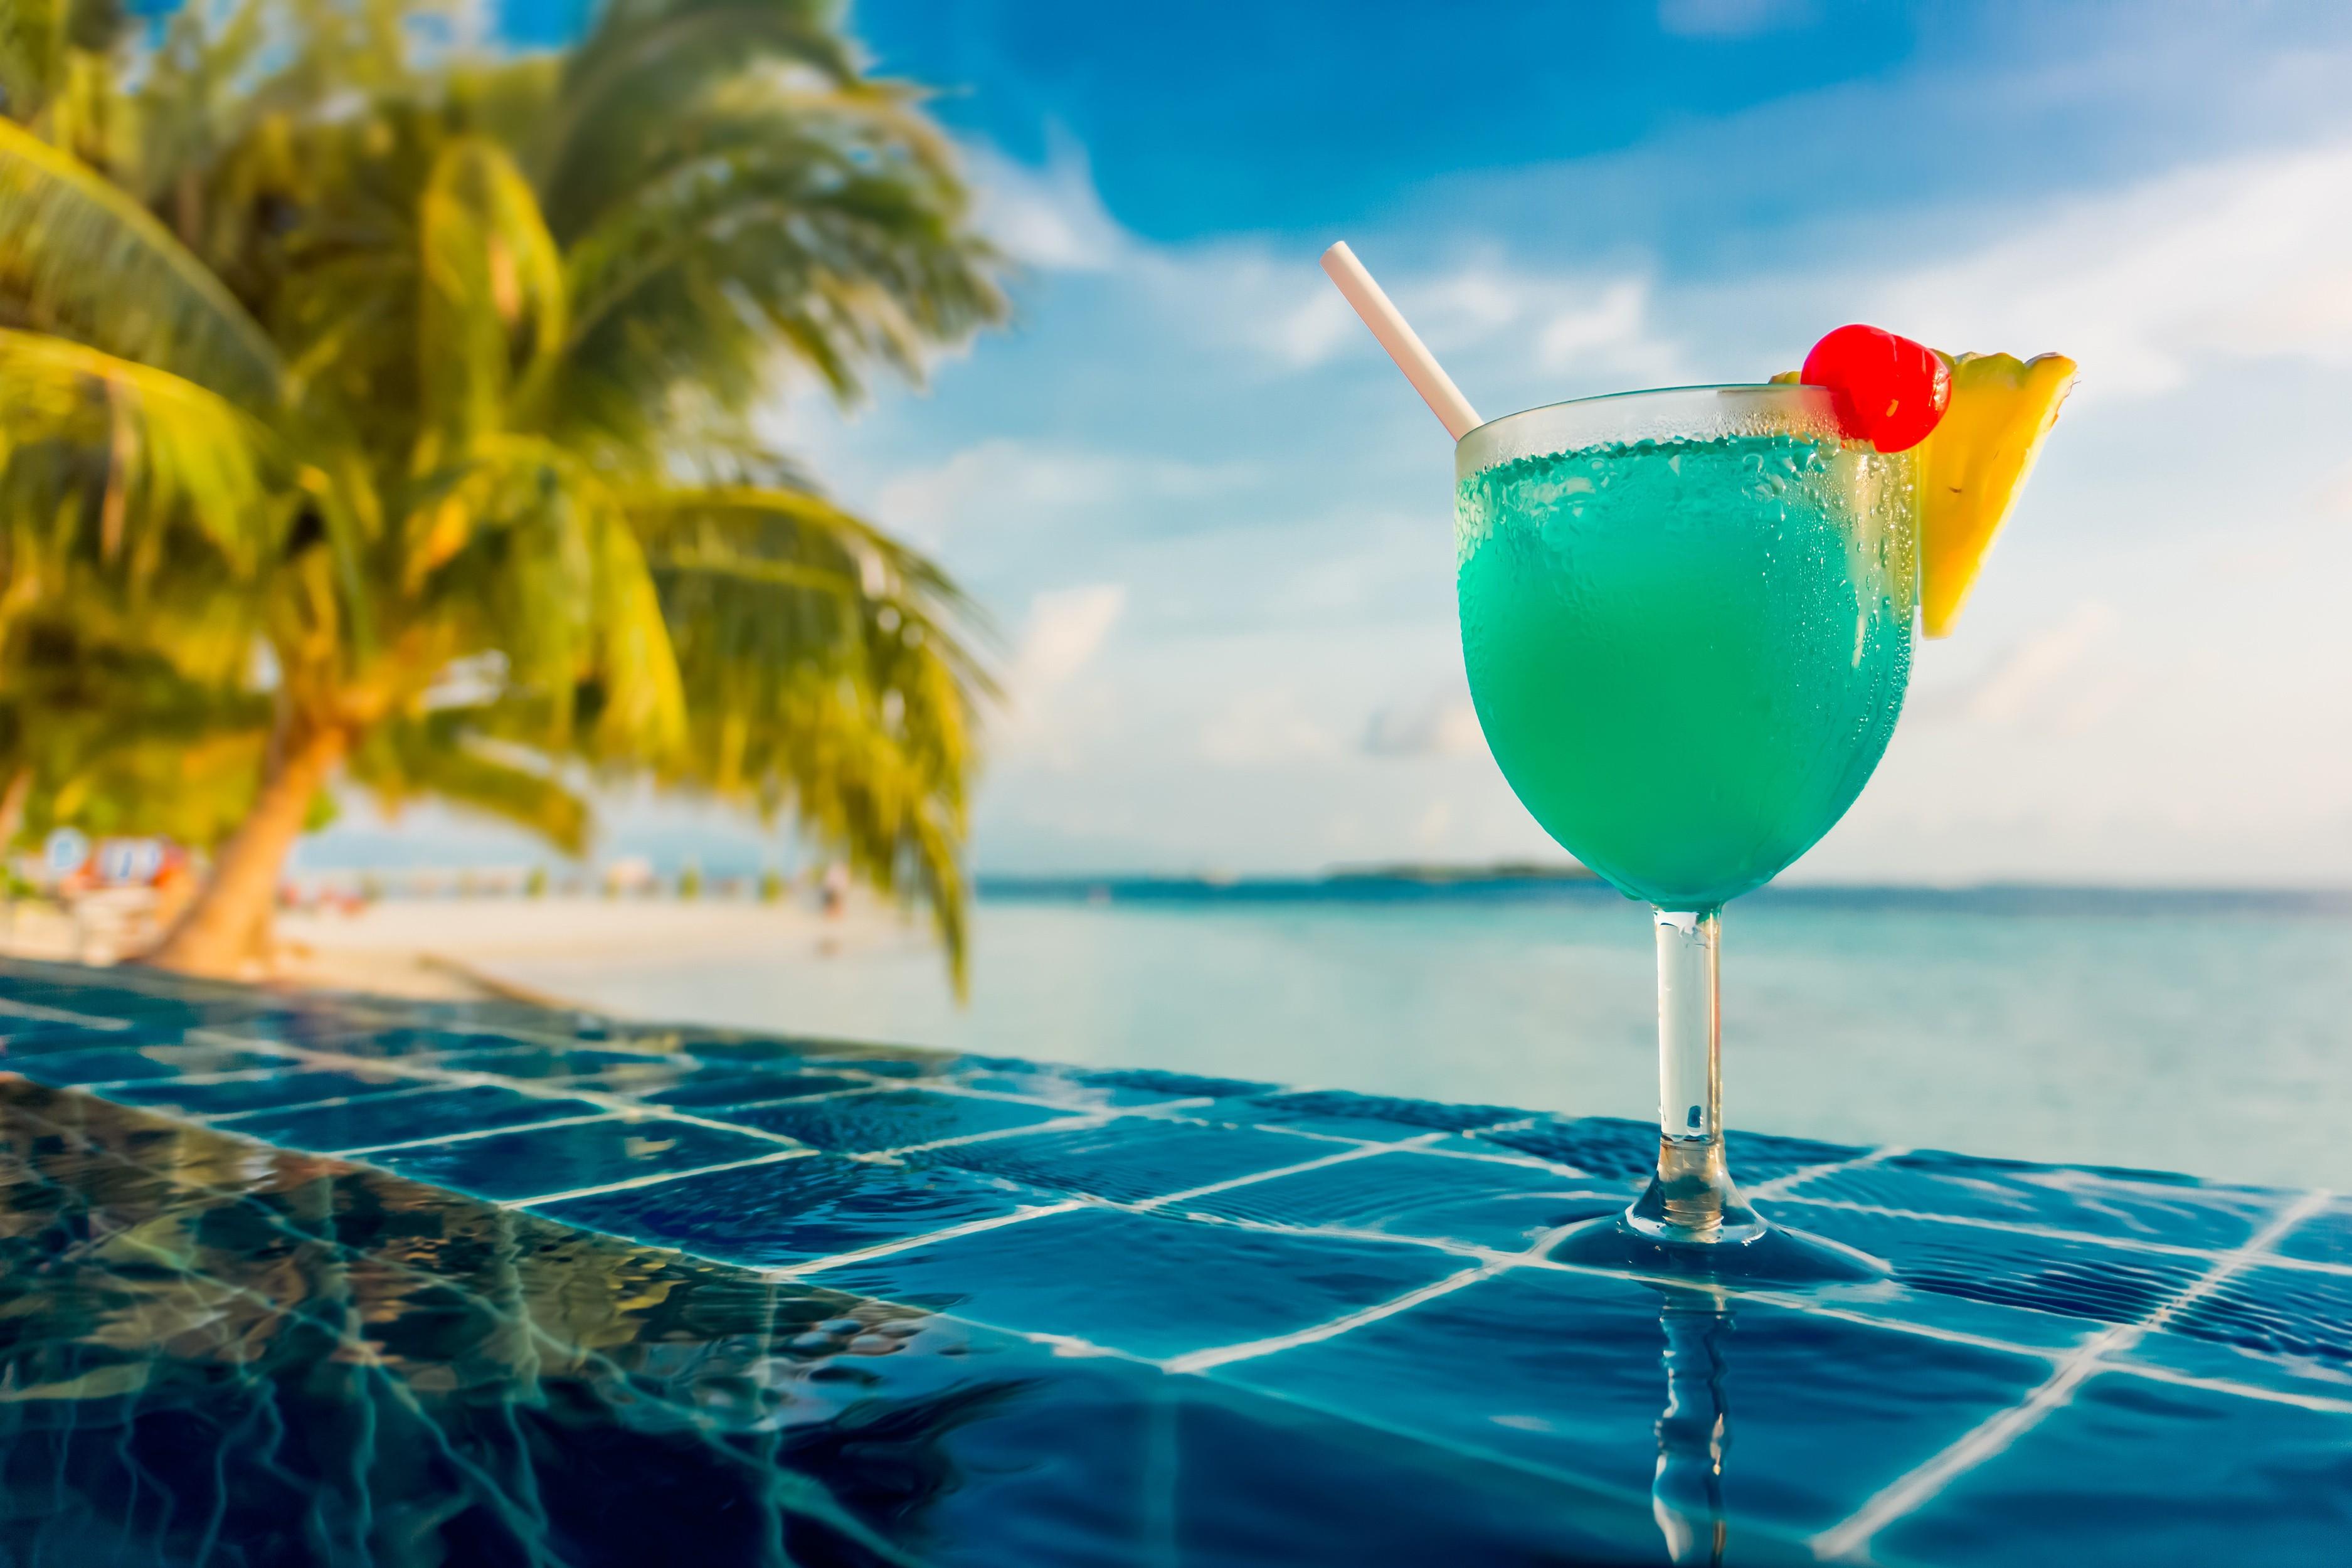 Fond D 39 Cran Mer Eau R Flexion Vert Bleu Verre Palmiers Piscine Tropical Cocktails